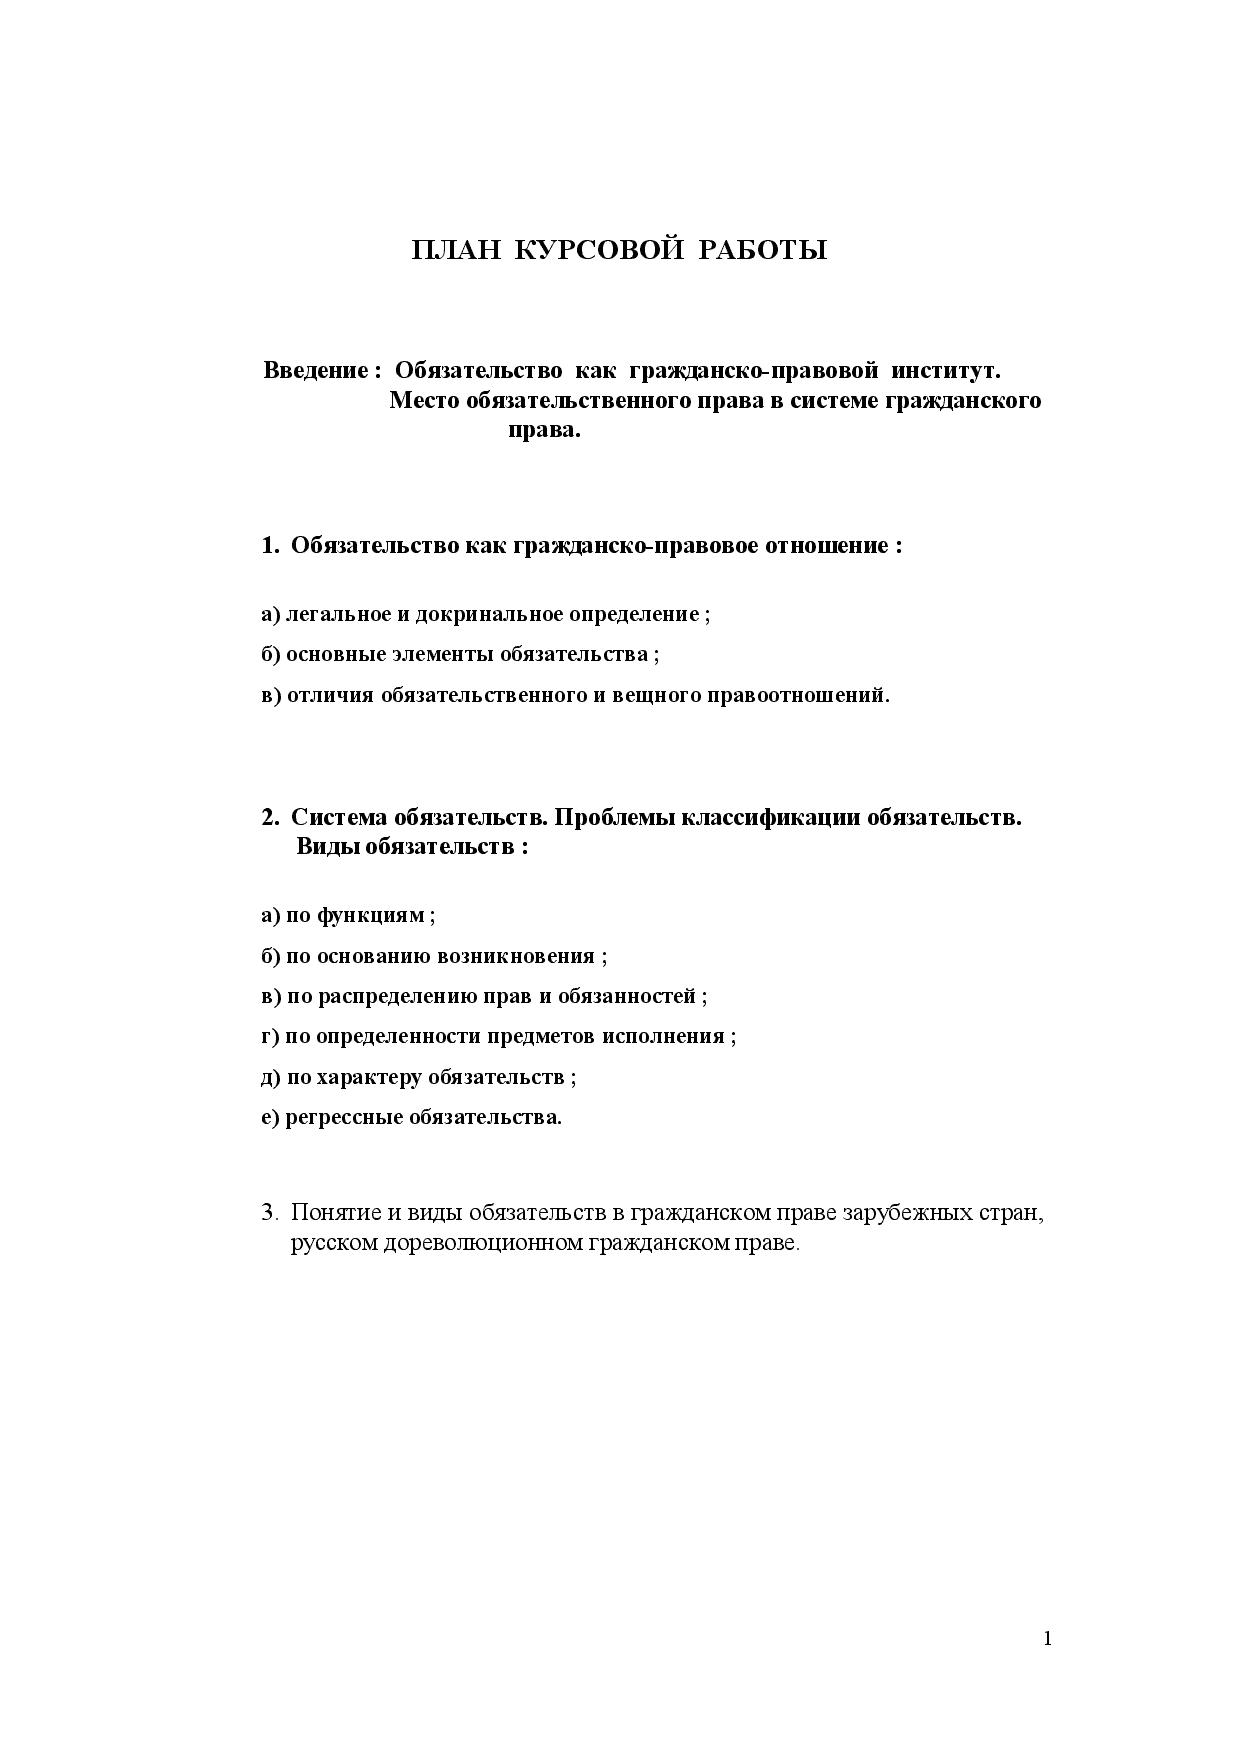 Обязательства